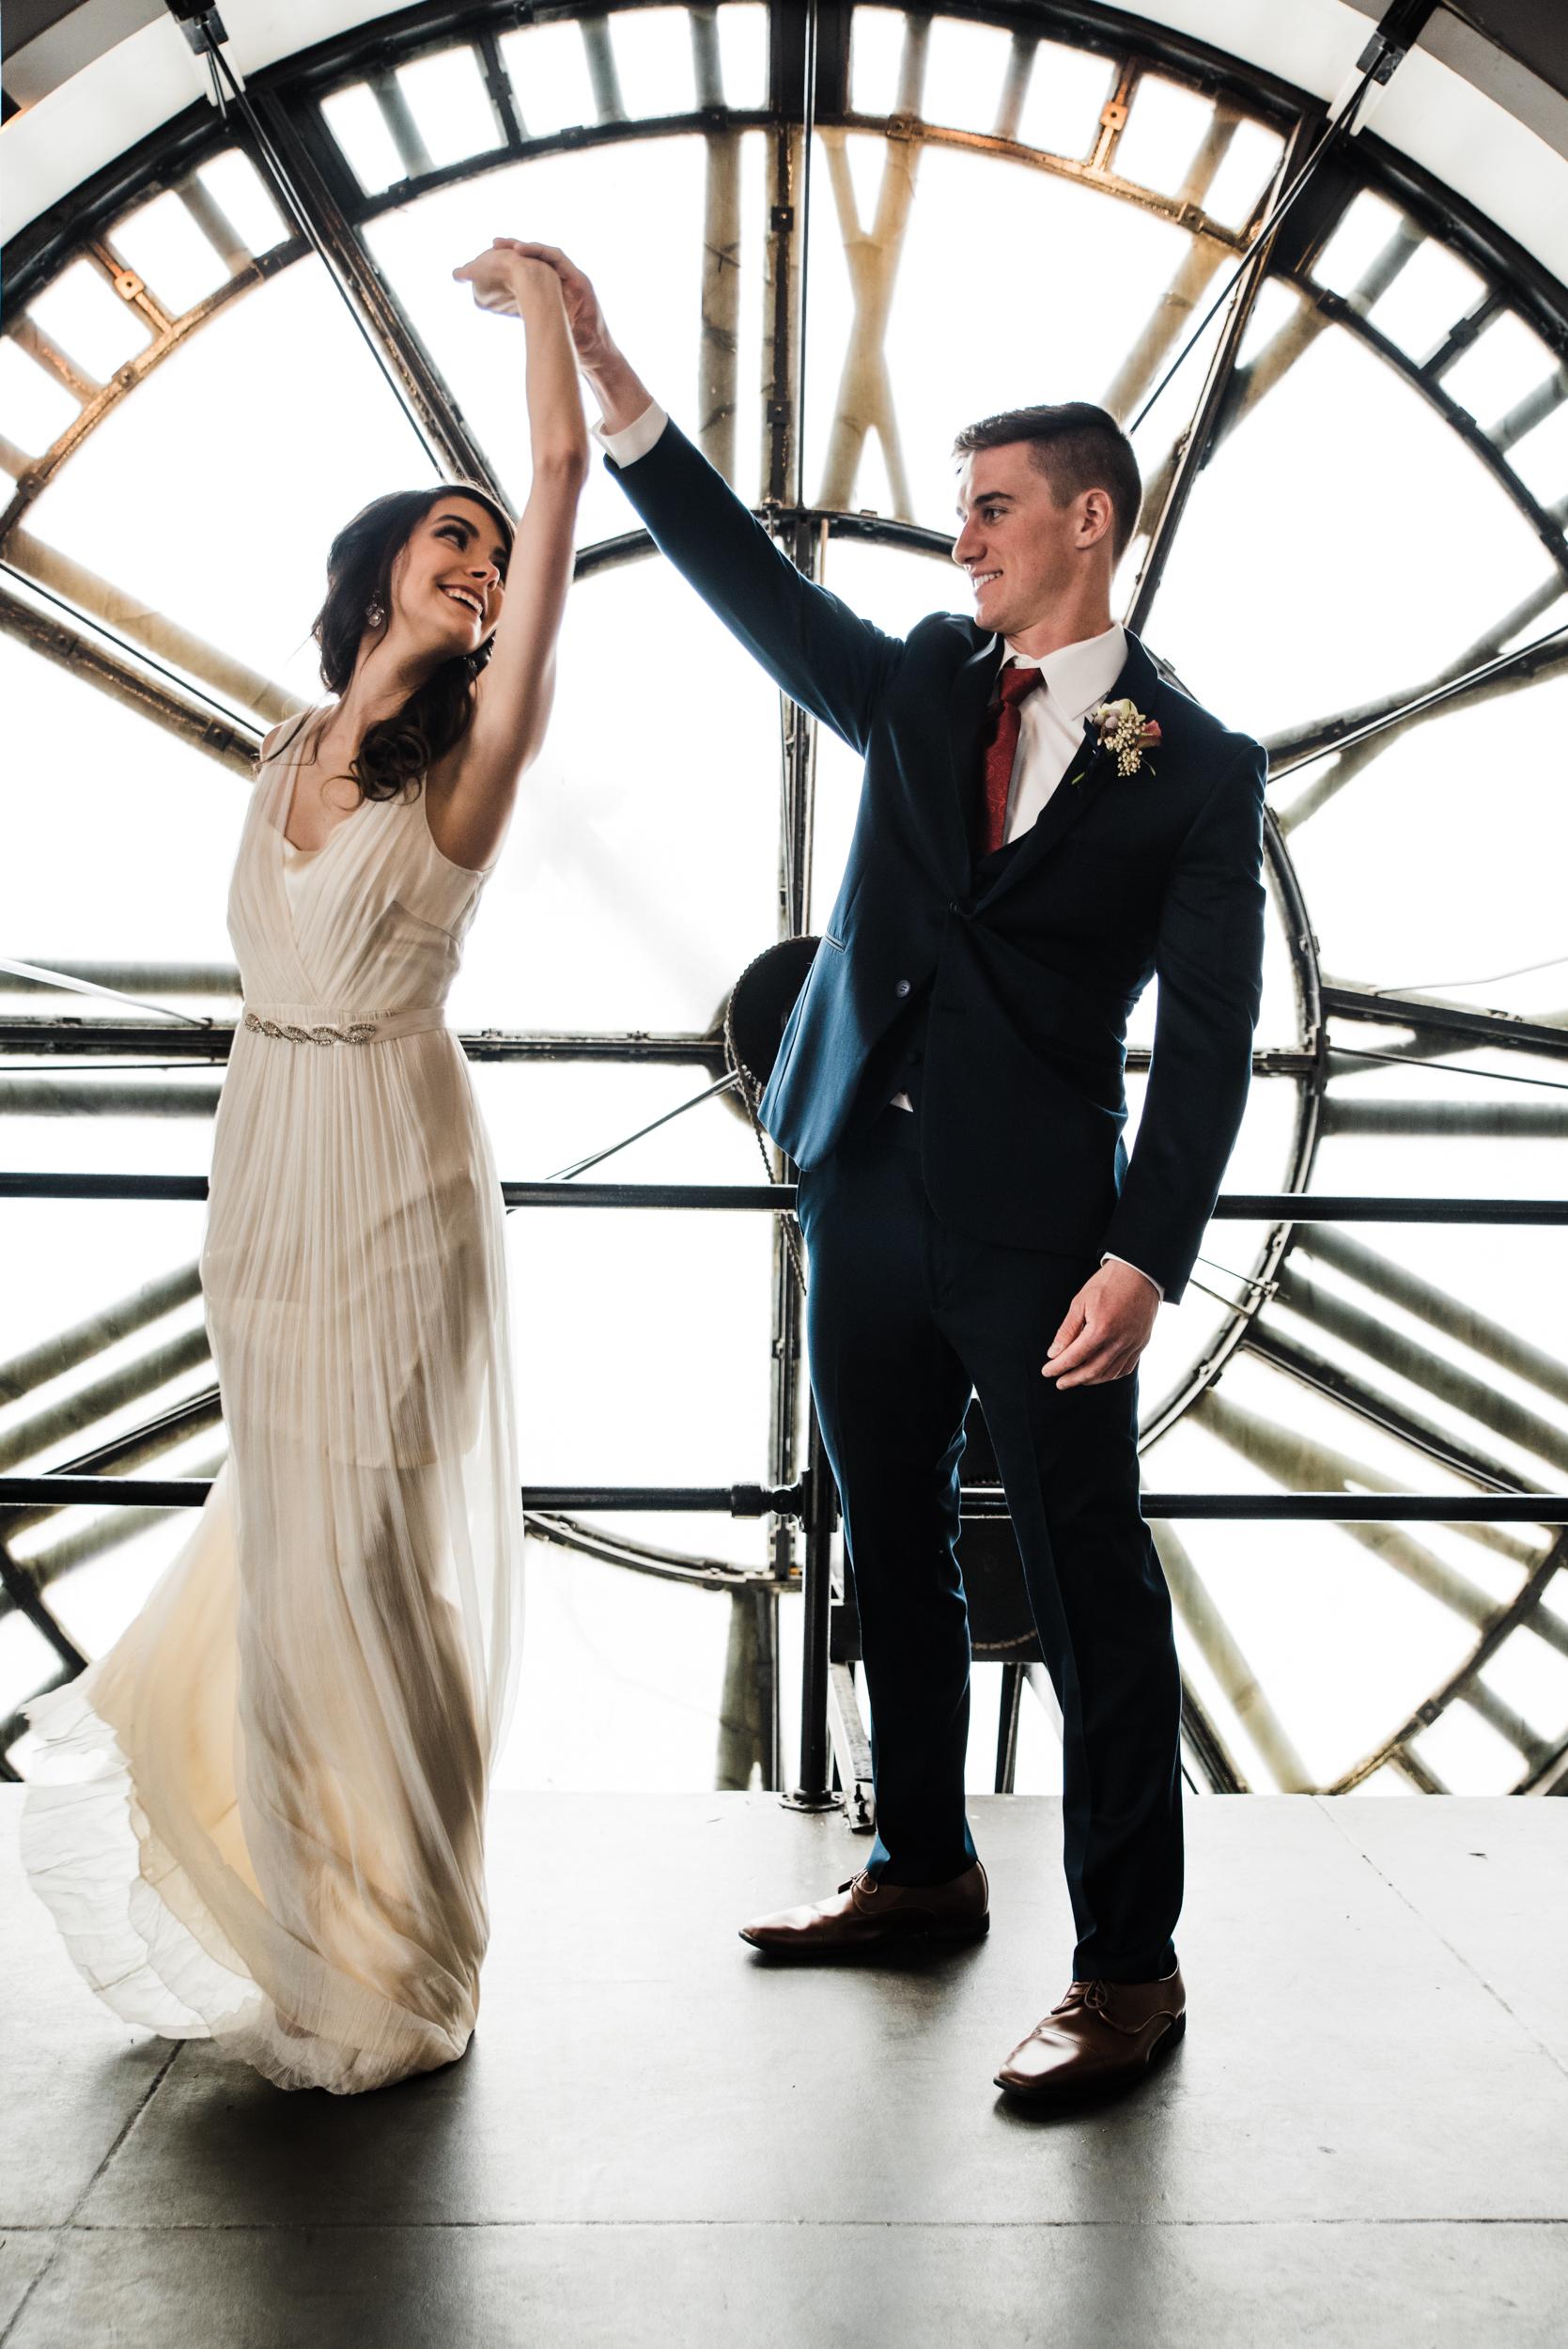 Denver-Clock-Tower-Elopement-Wedding-56.jpg